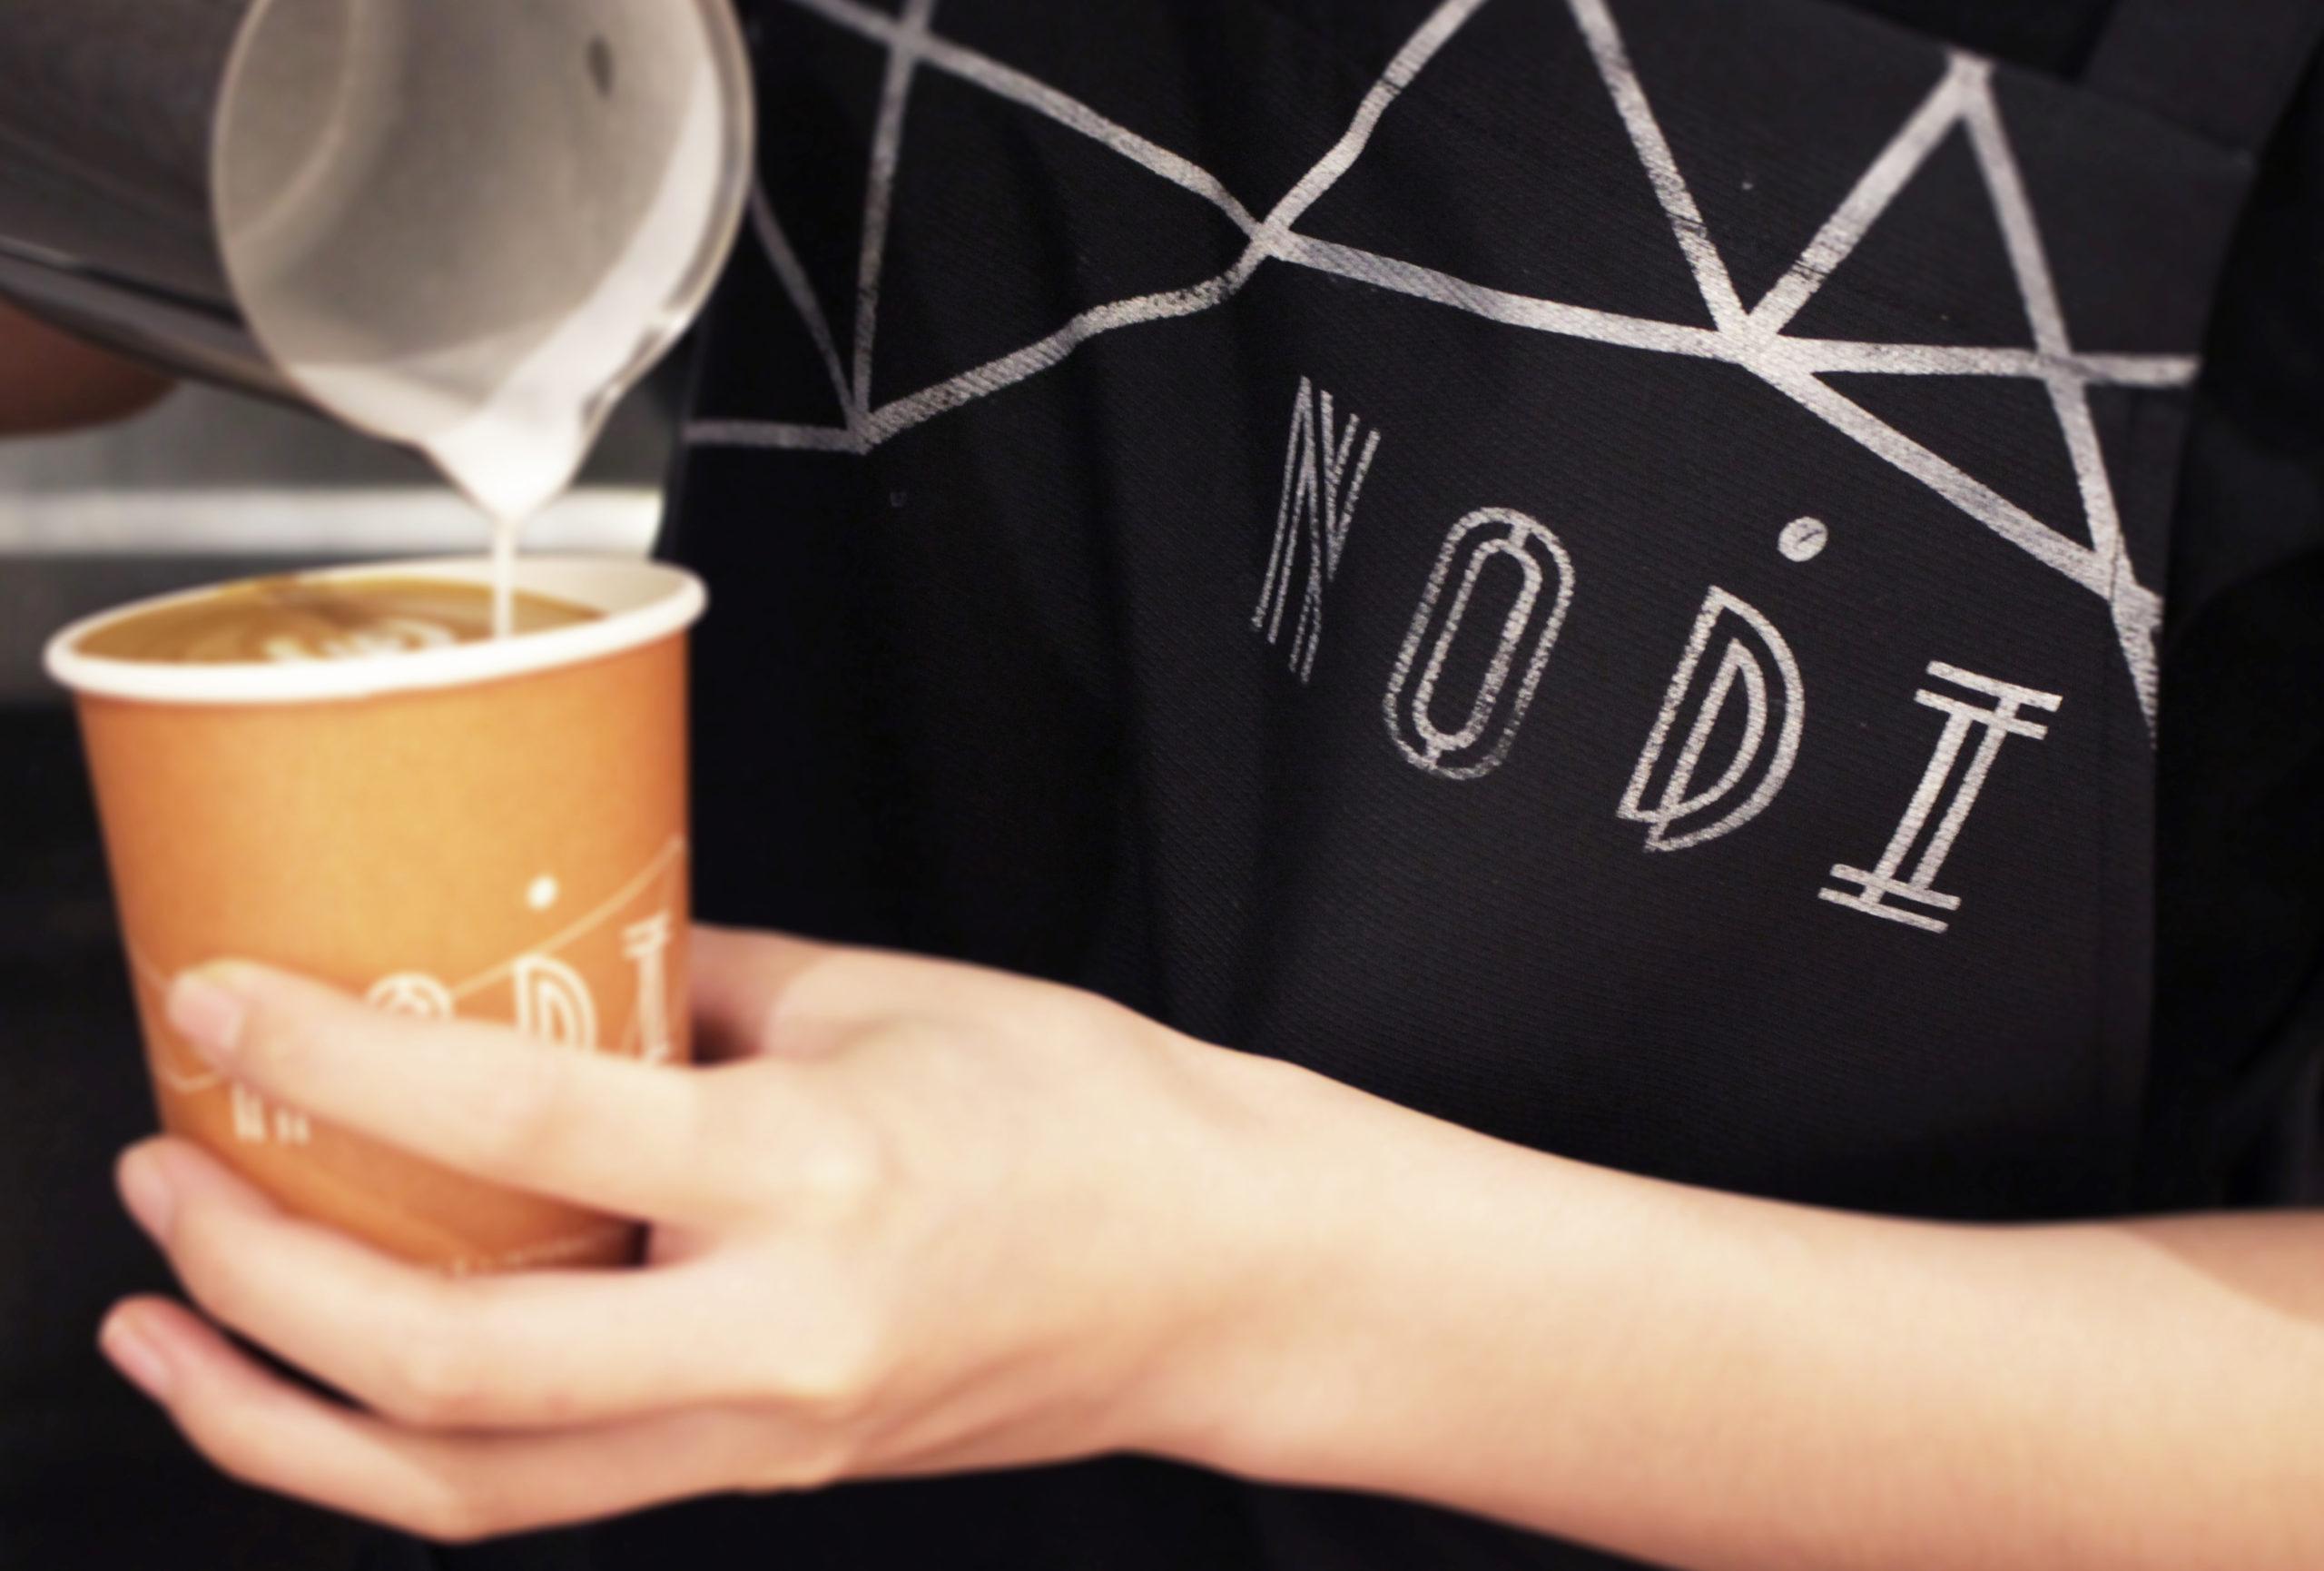 NODI_13-copy